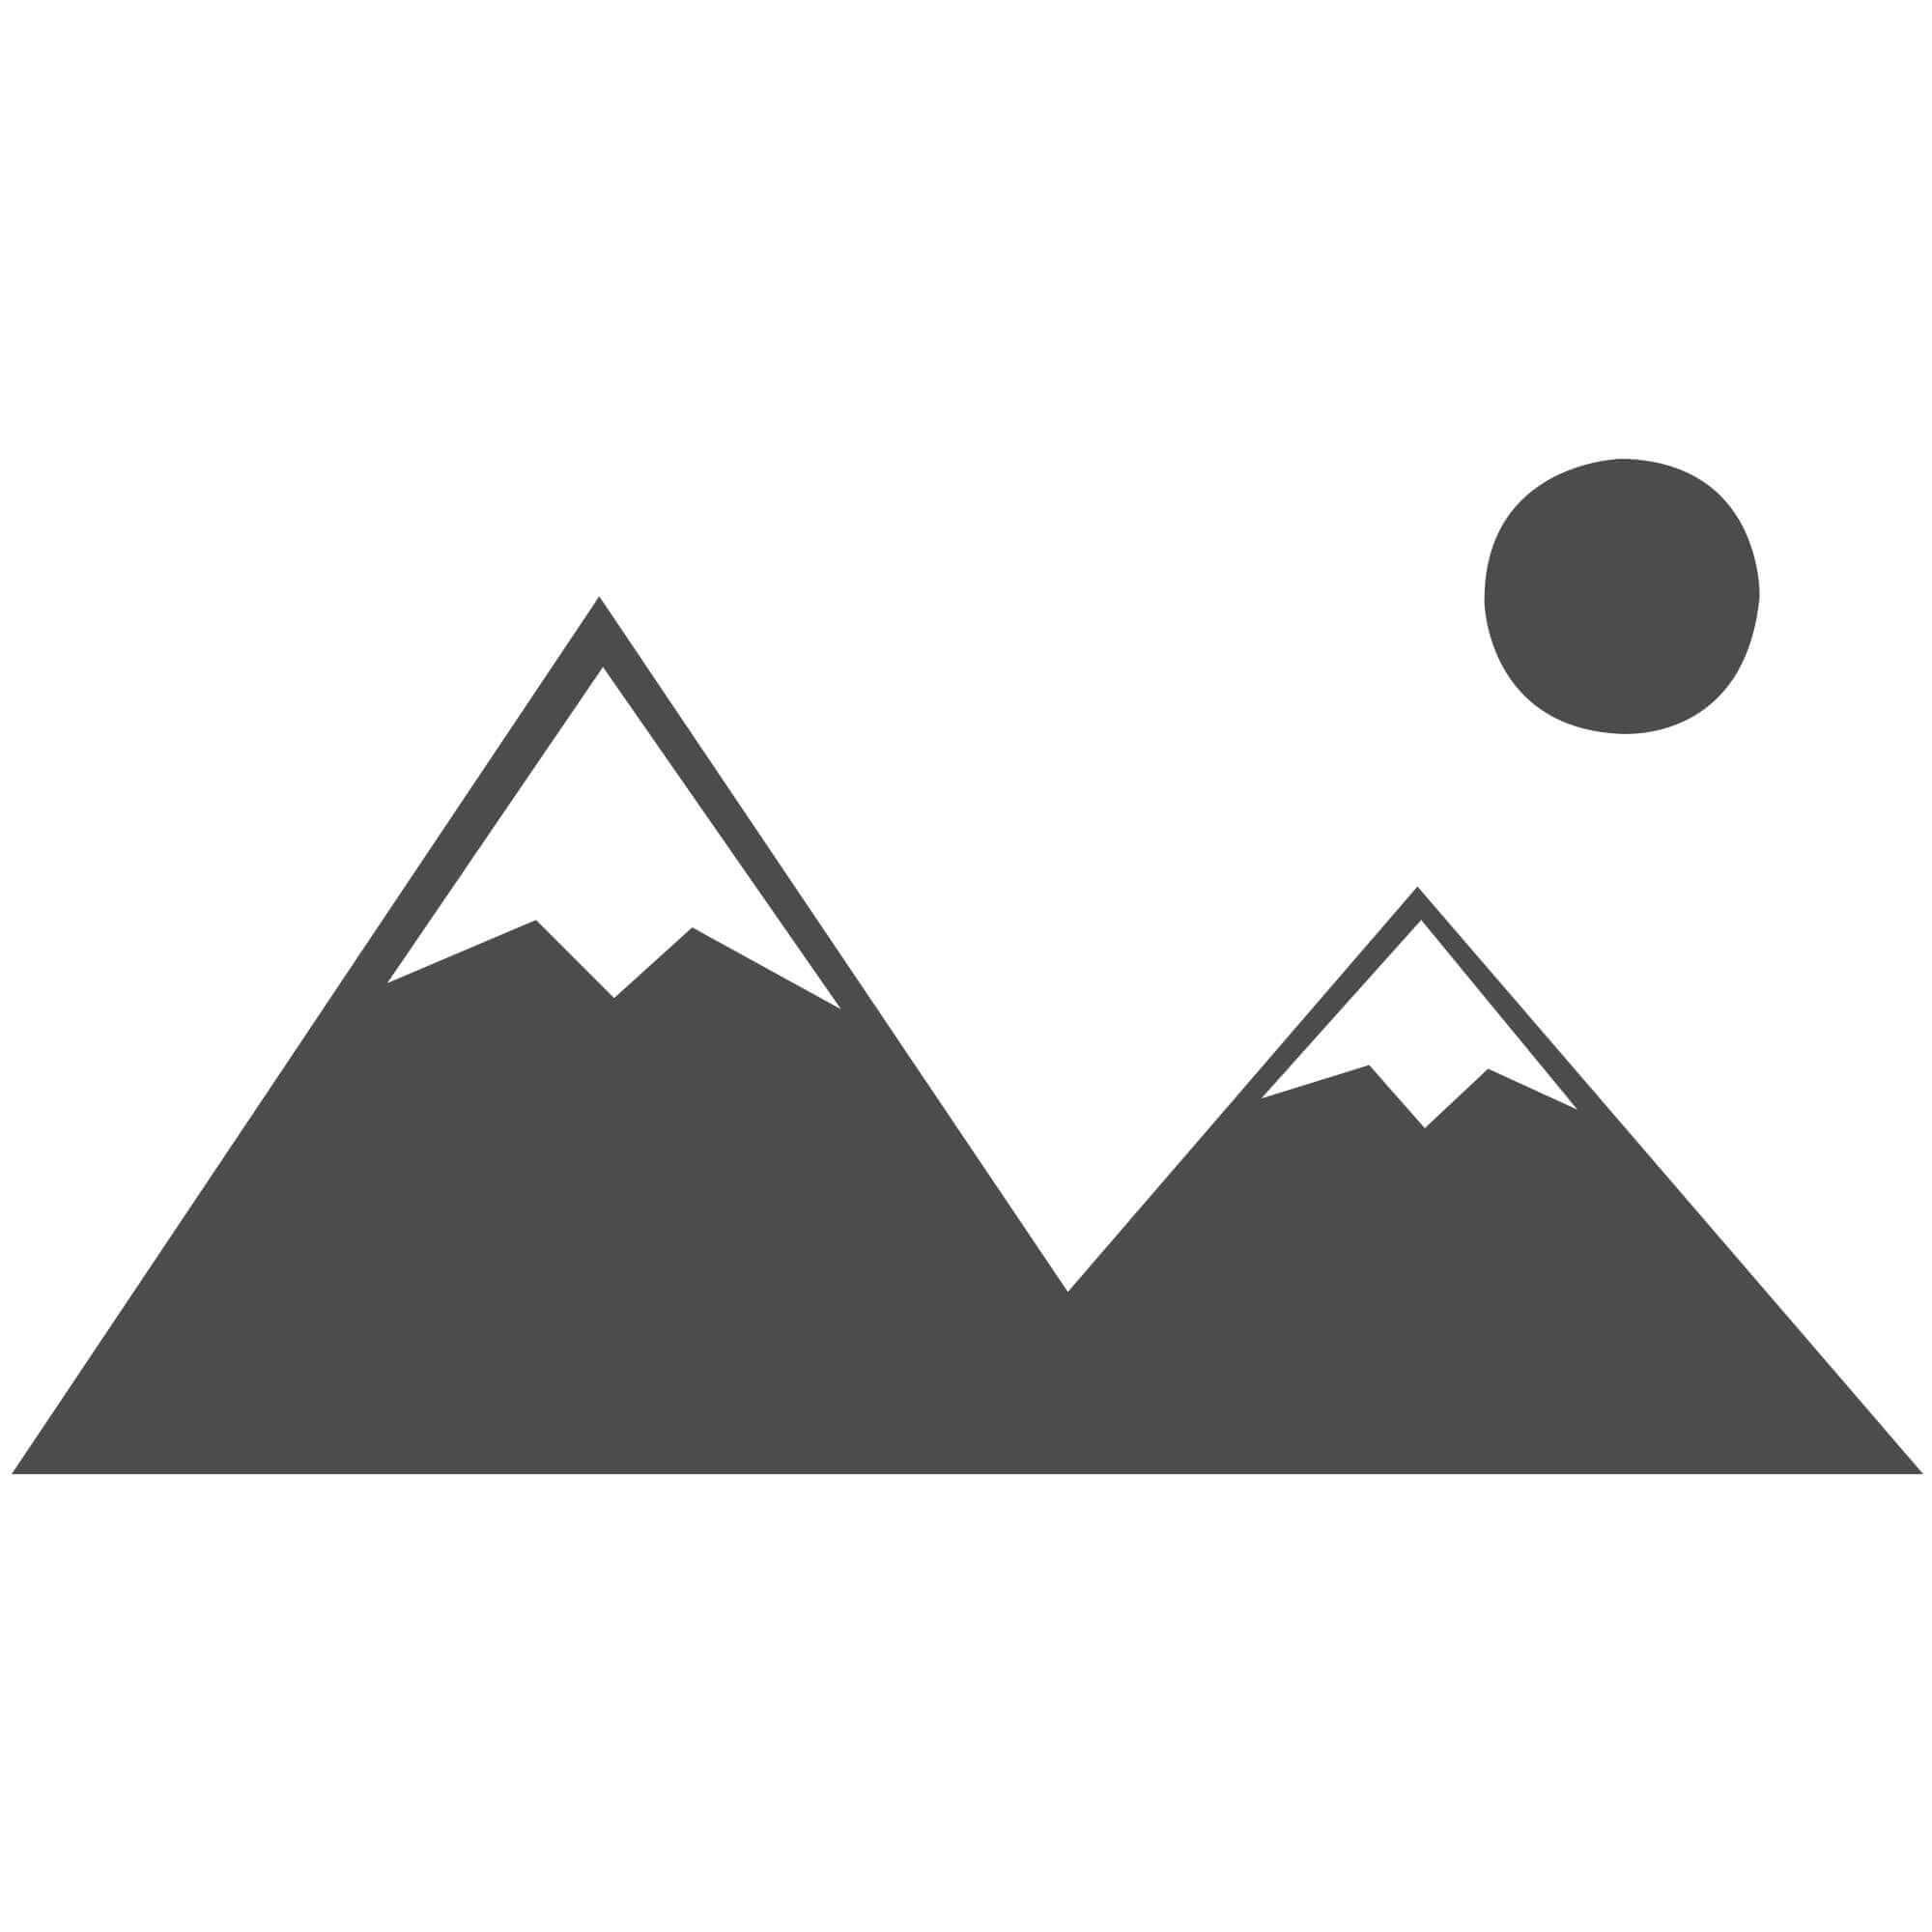 """Cascade Shaggy Rug - Slate - Size 200 x 300 cm (6'7"""" x 9'10"""")"""